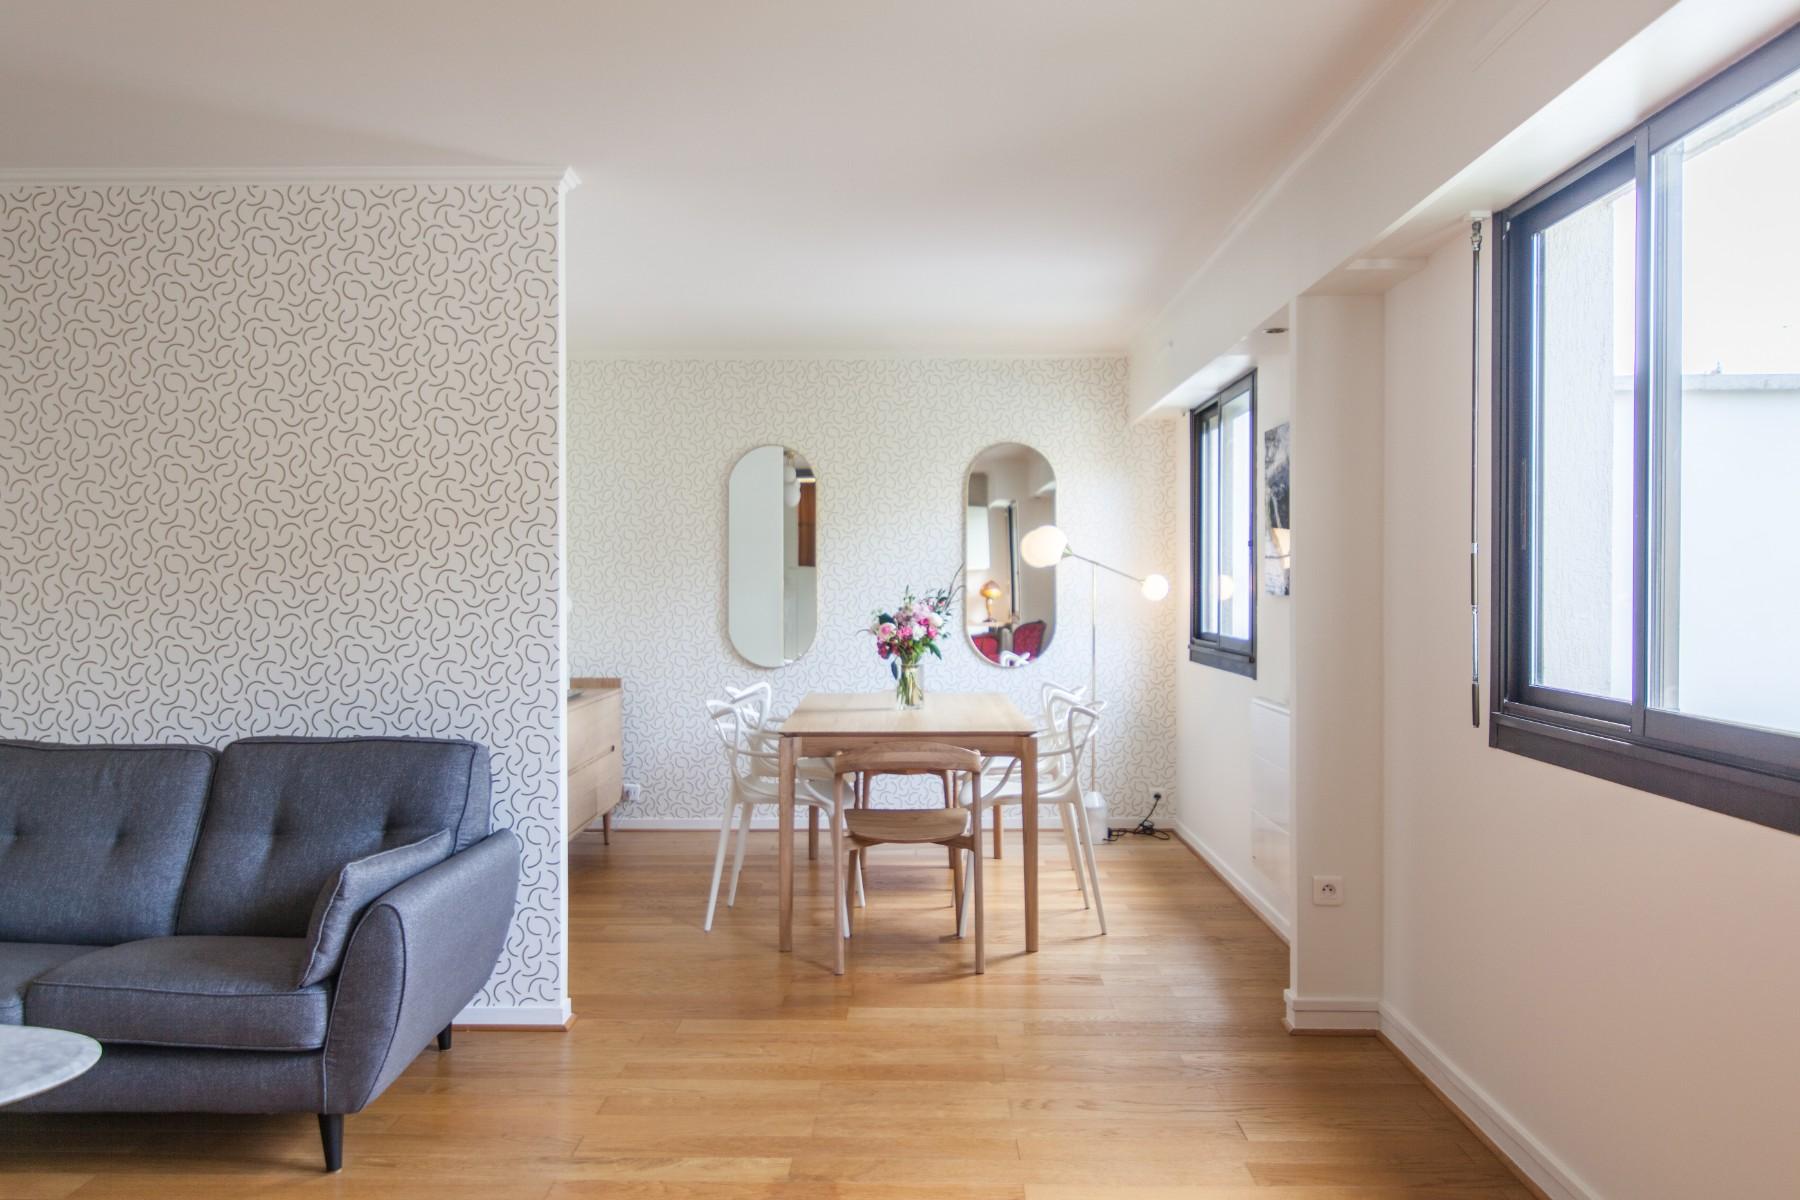 Rénovation d'un appartement à Paris aménagement du salon grâce à un architecte Archibien